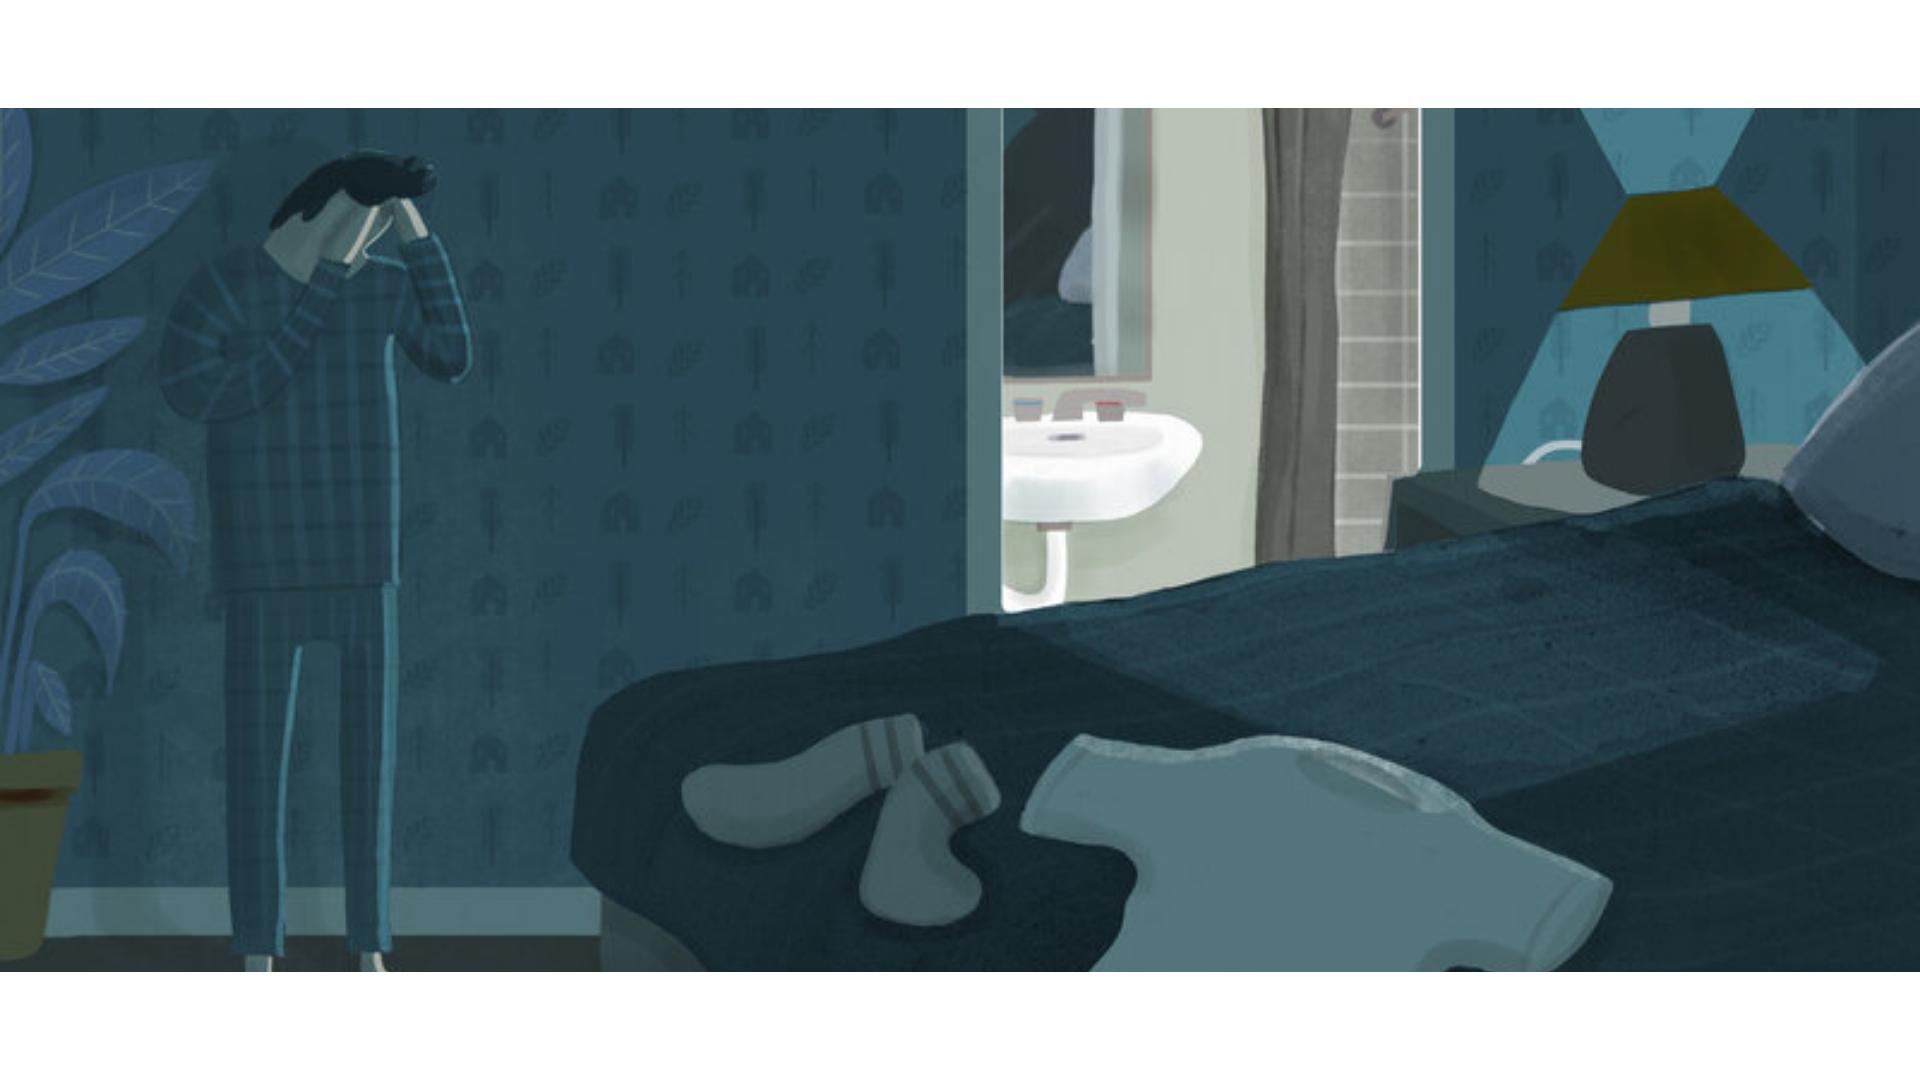 Düzenli uyku uyuyamayan bir kişinin çizim görseli.